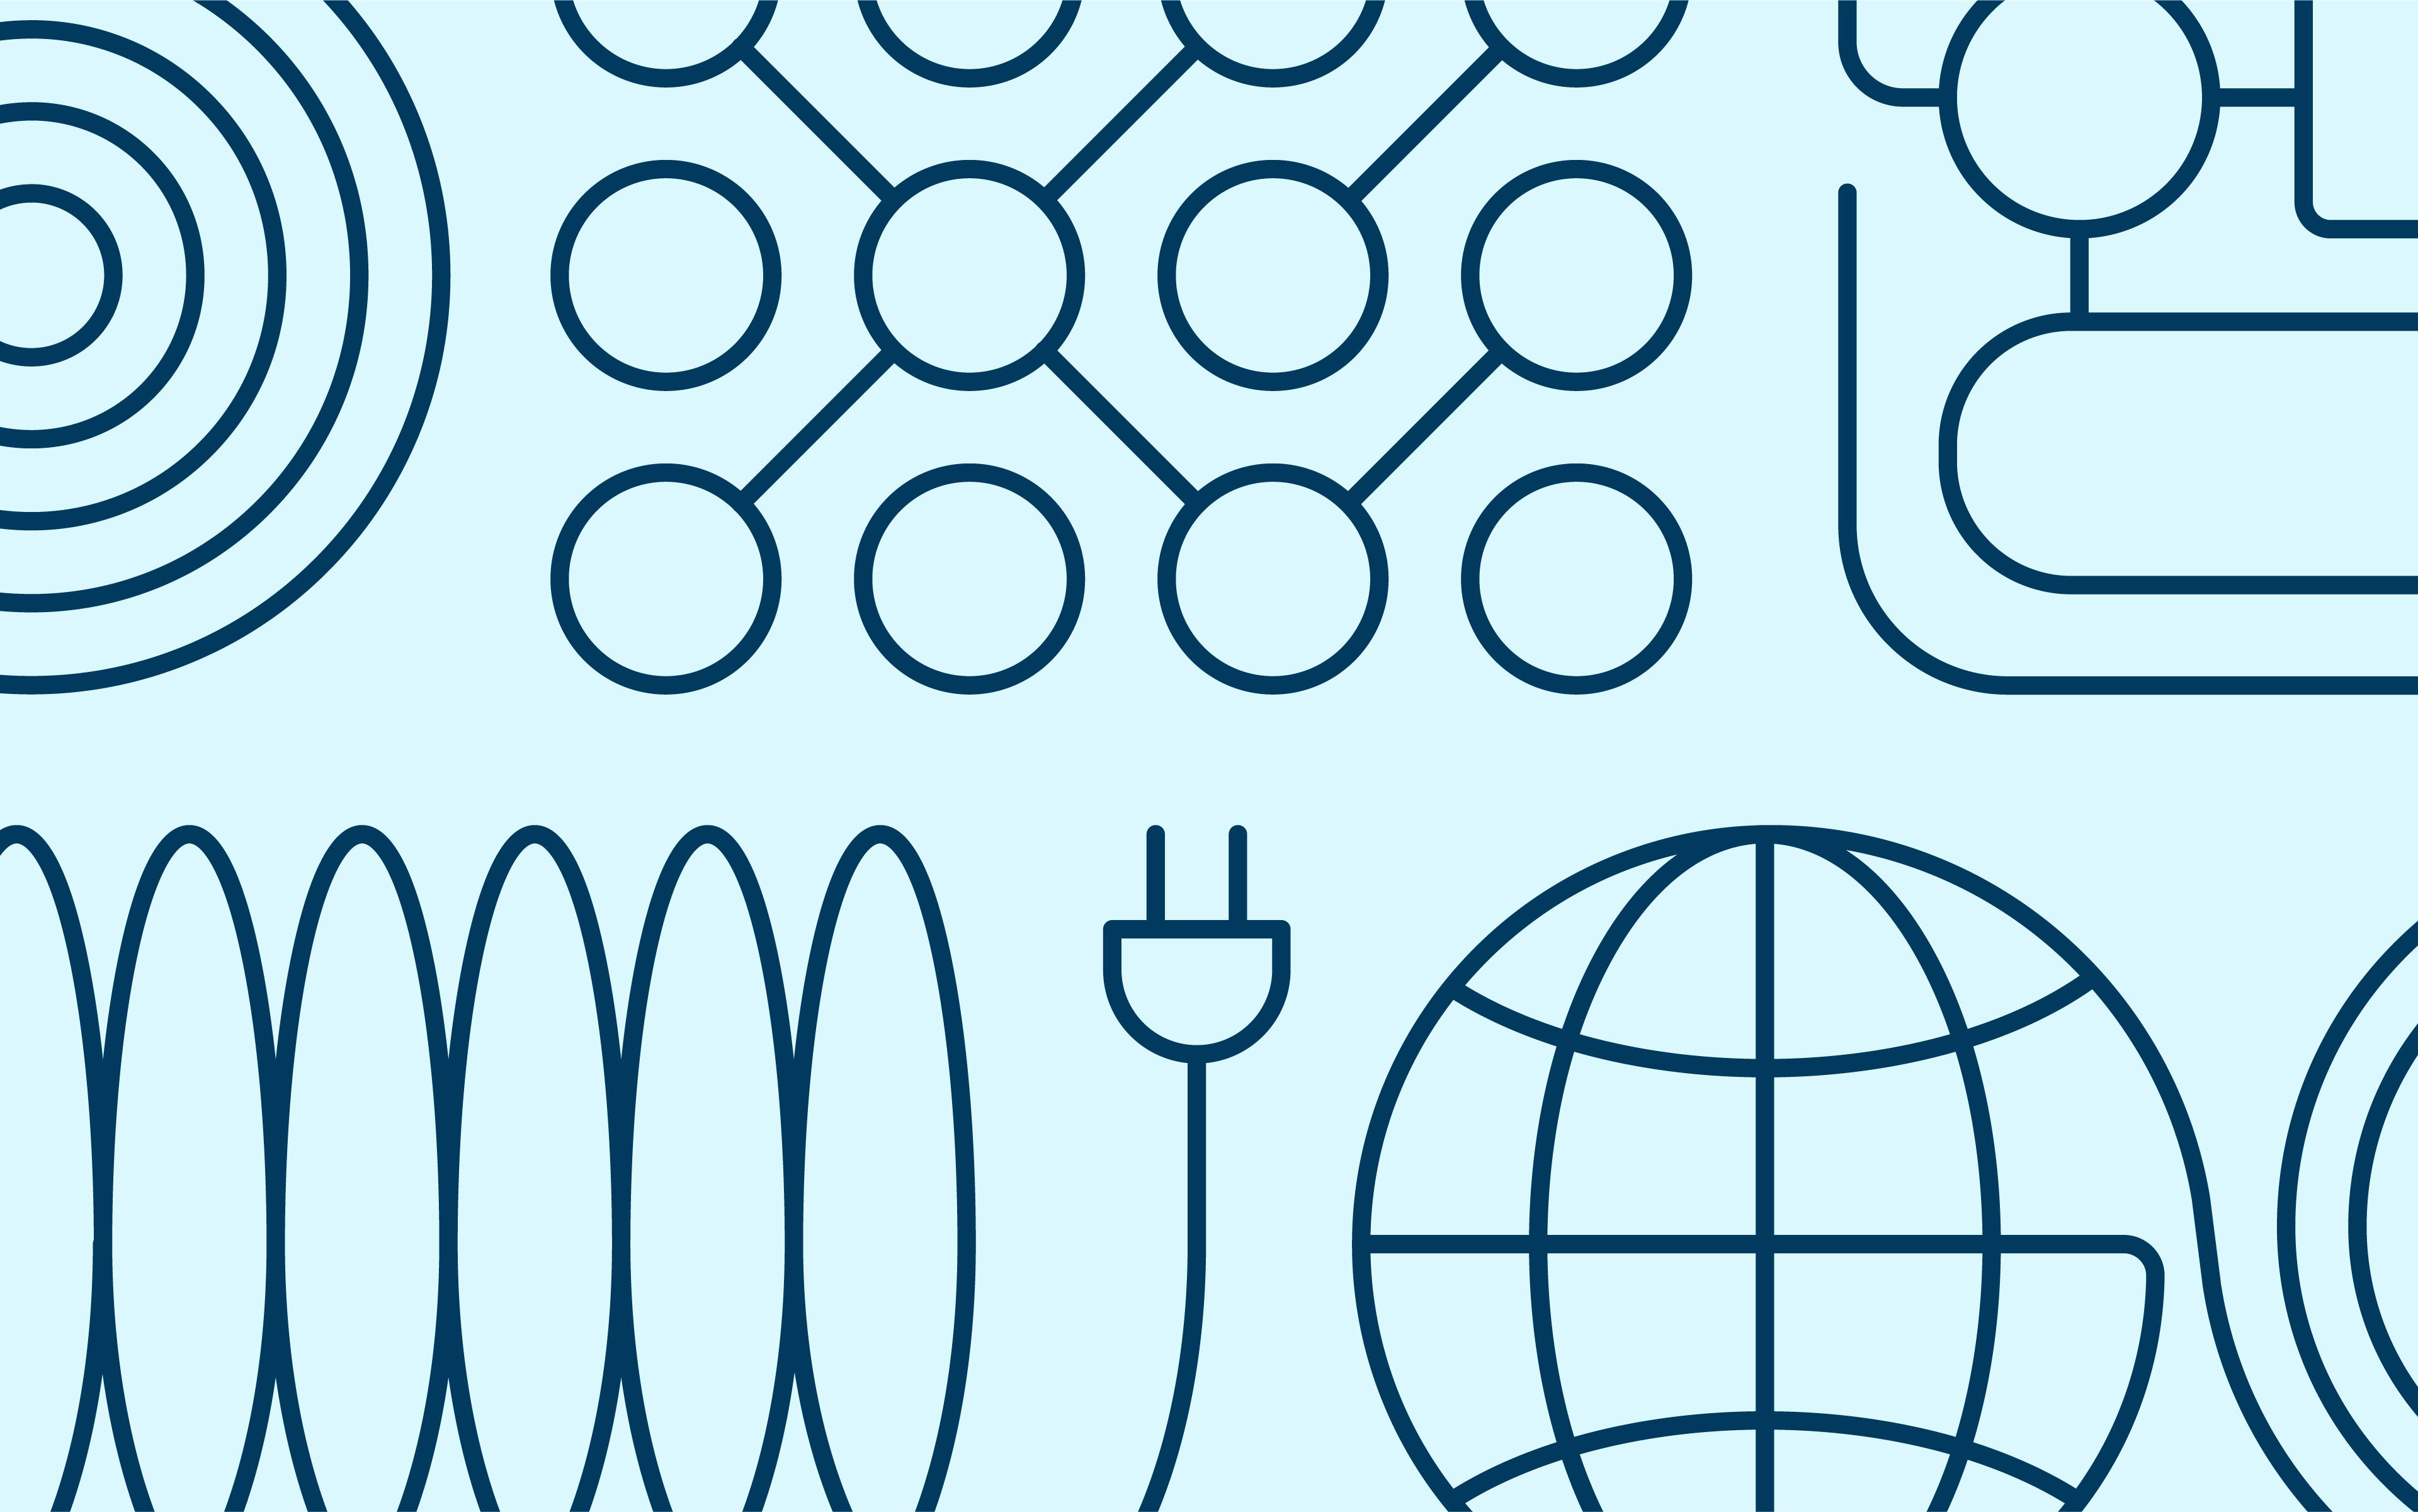 God jul frå oss i Tussa